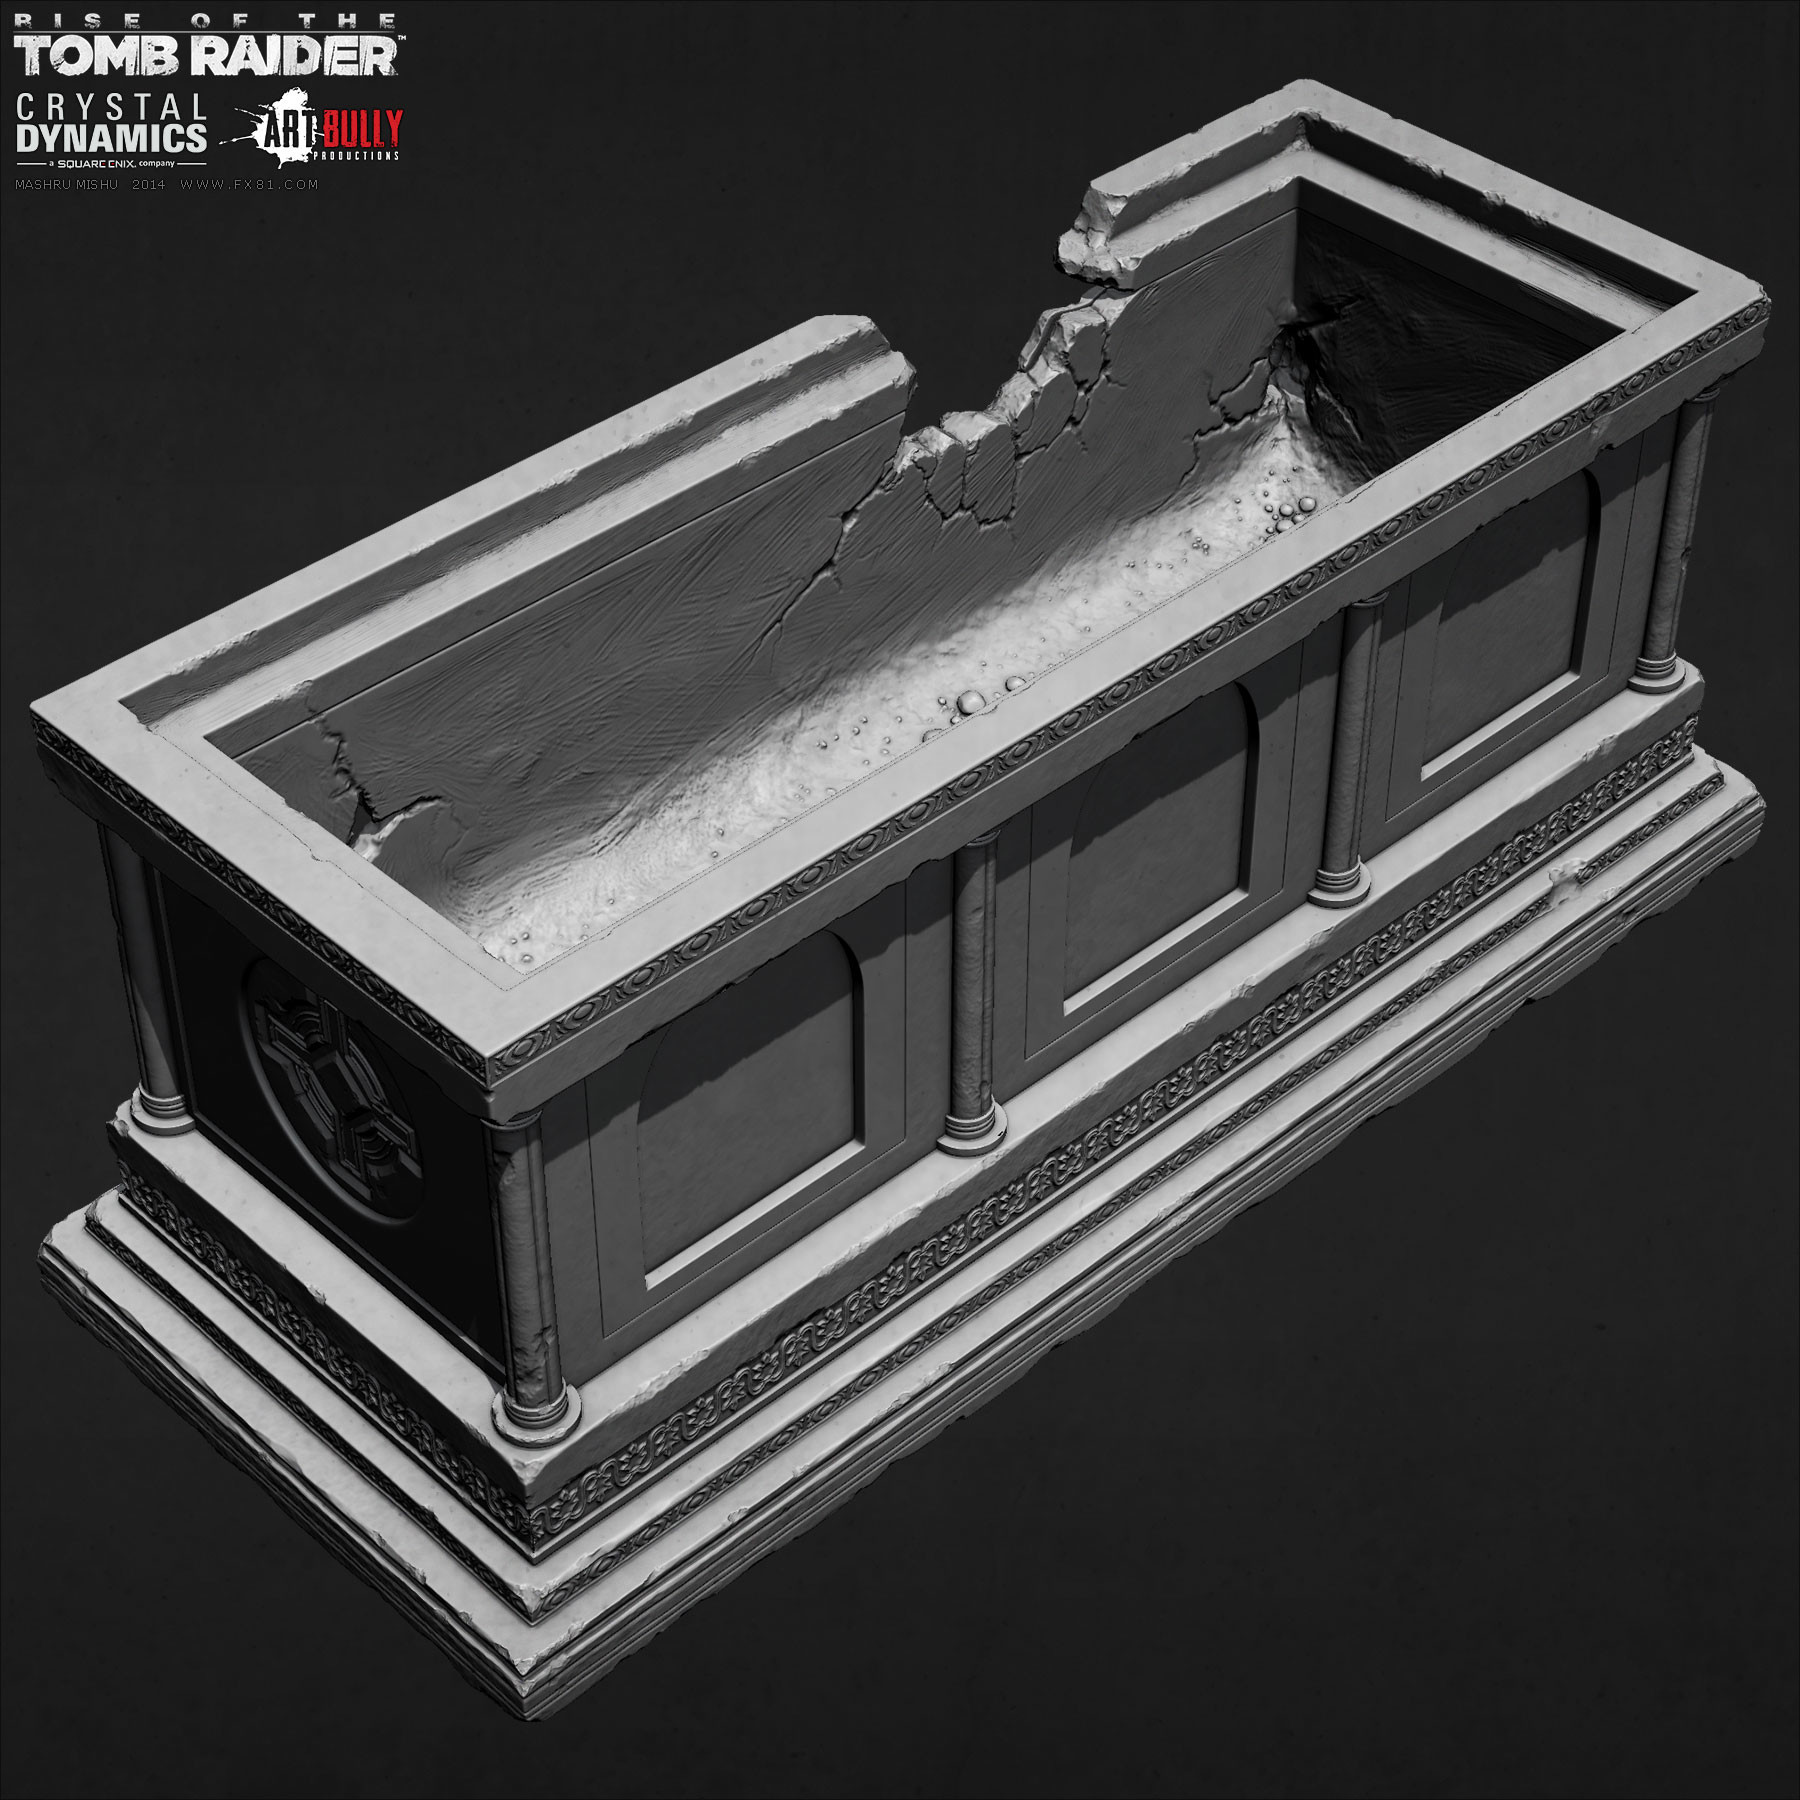 Mashru mishu rottr sarcophagus 05